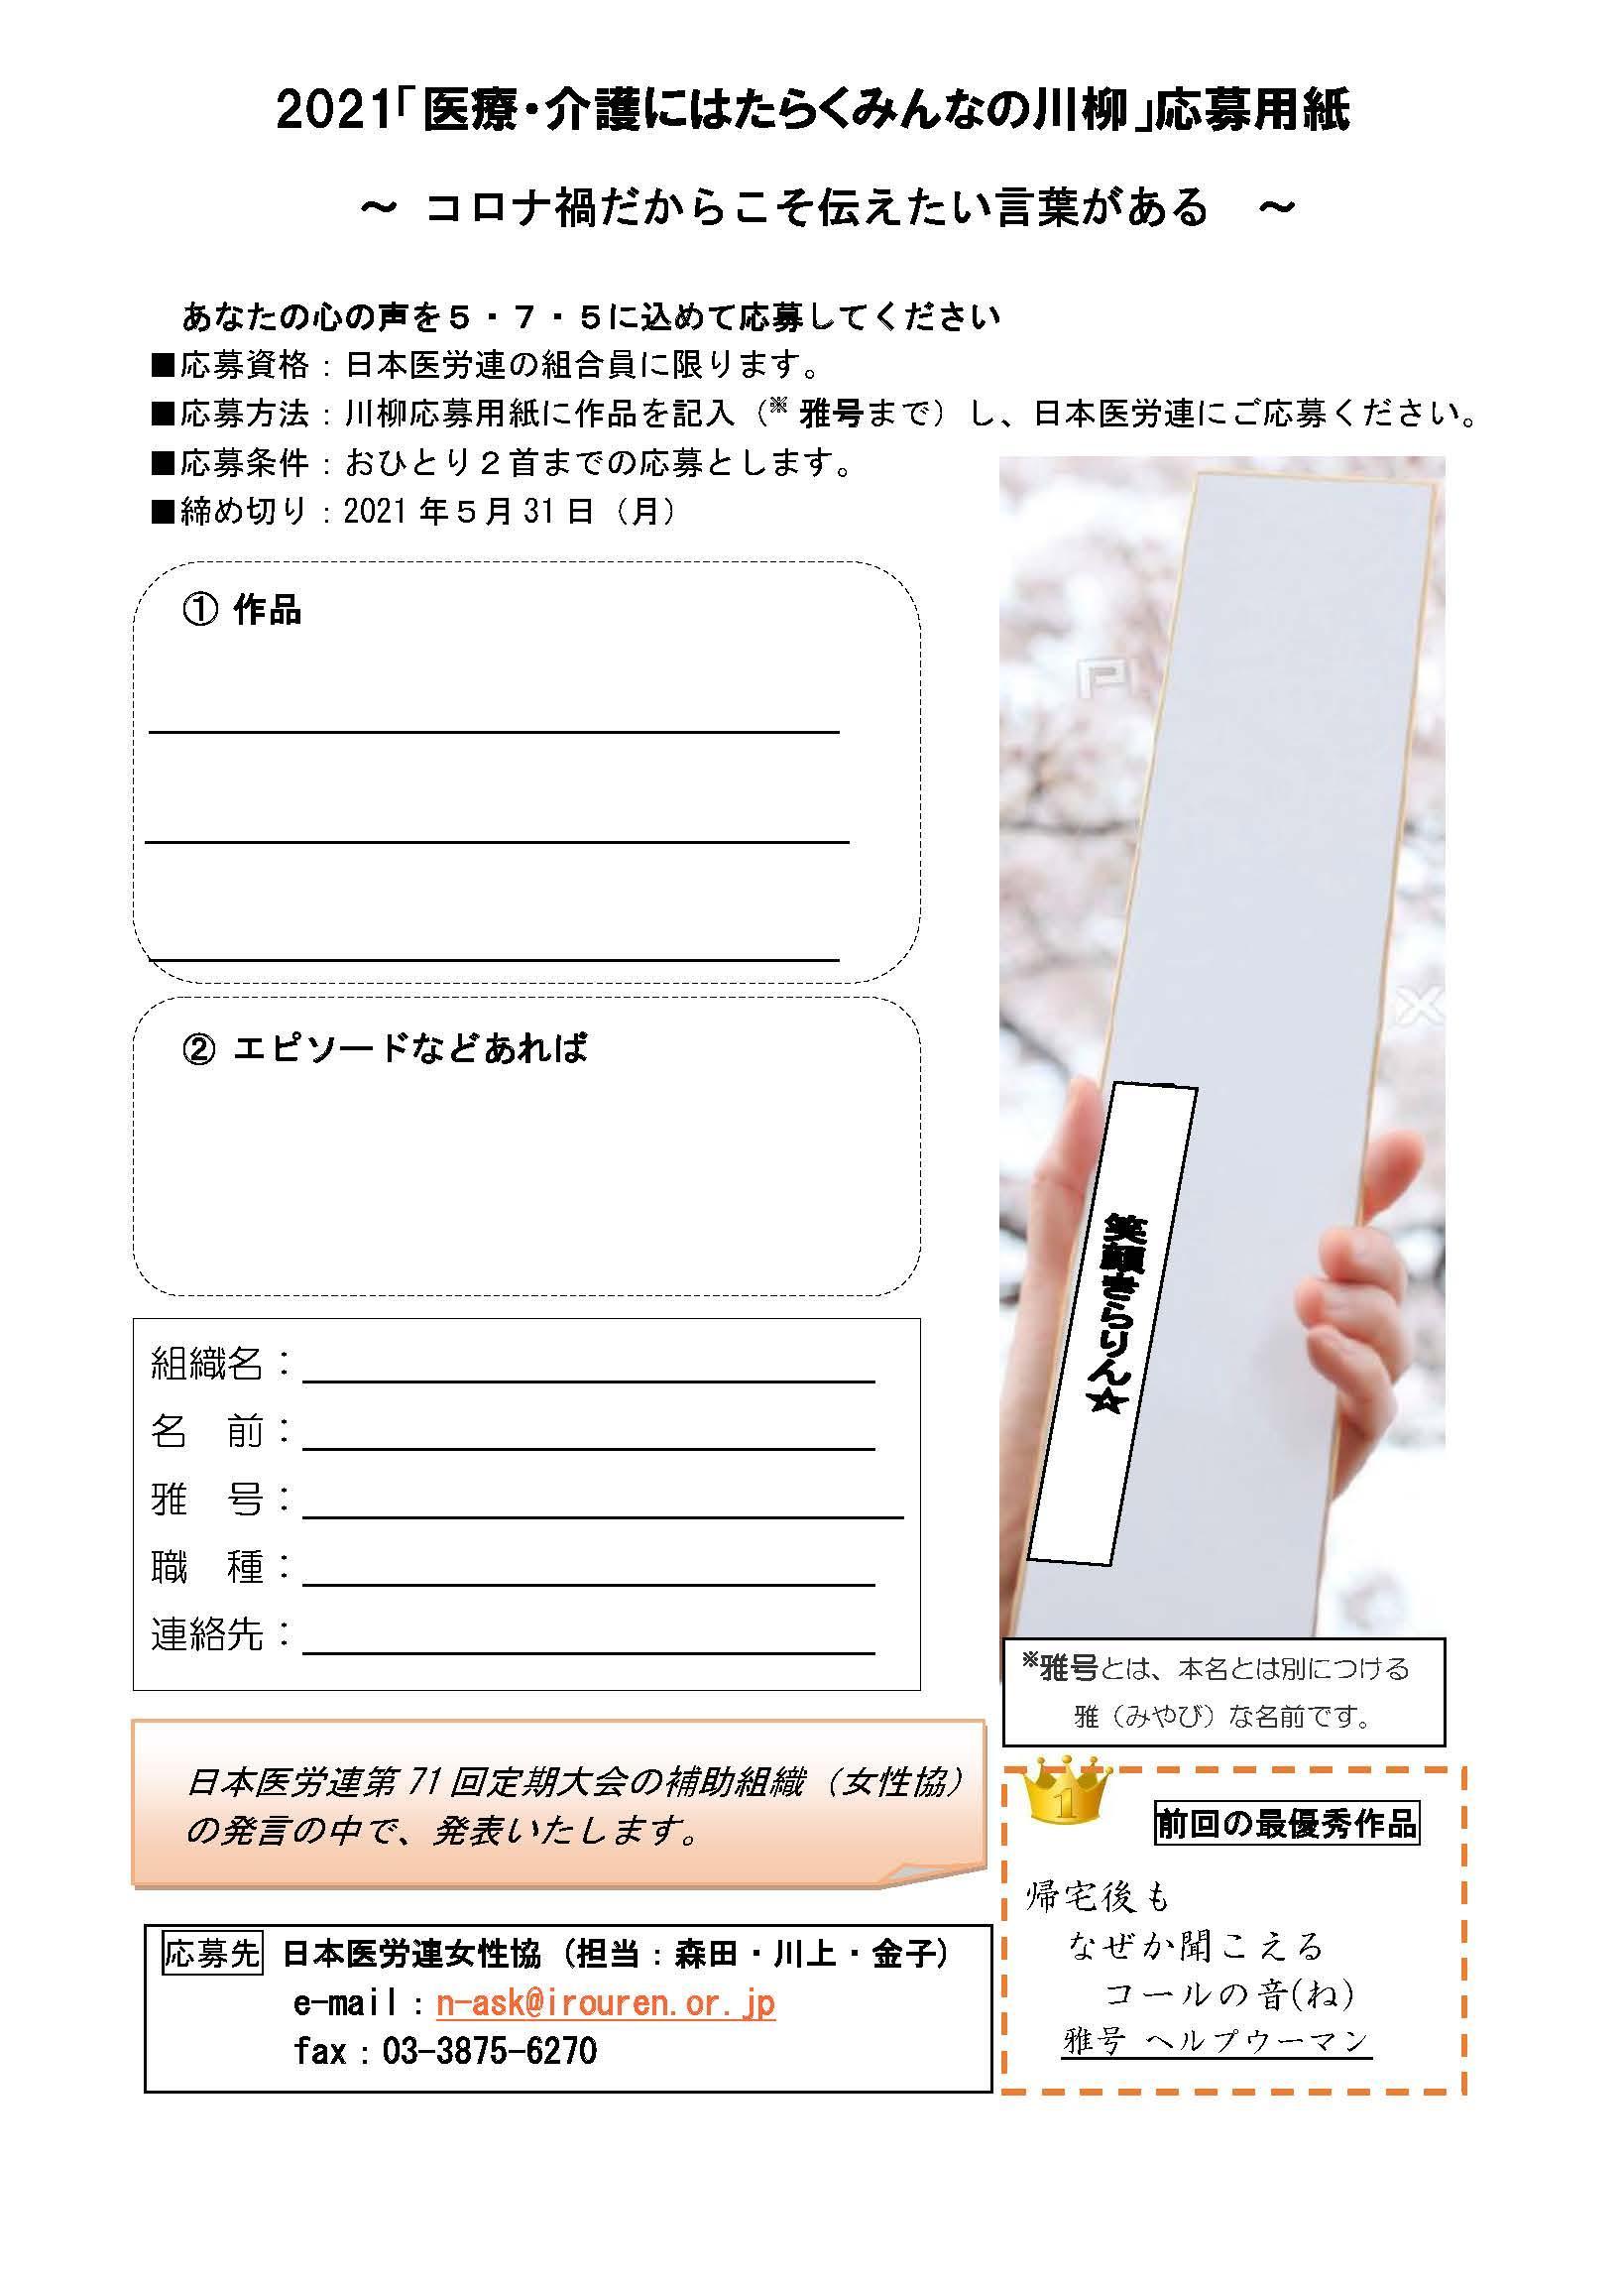 発174号:添付?川柳応募用紙.jpg